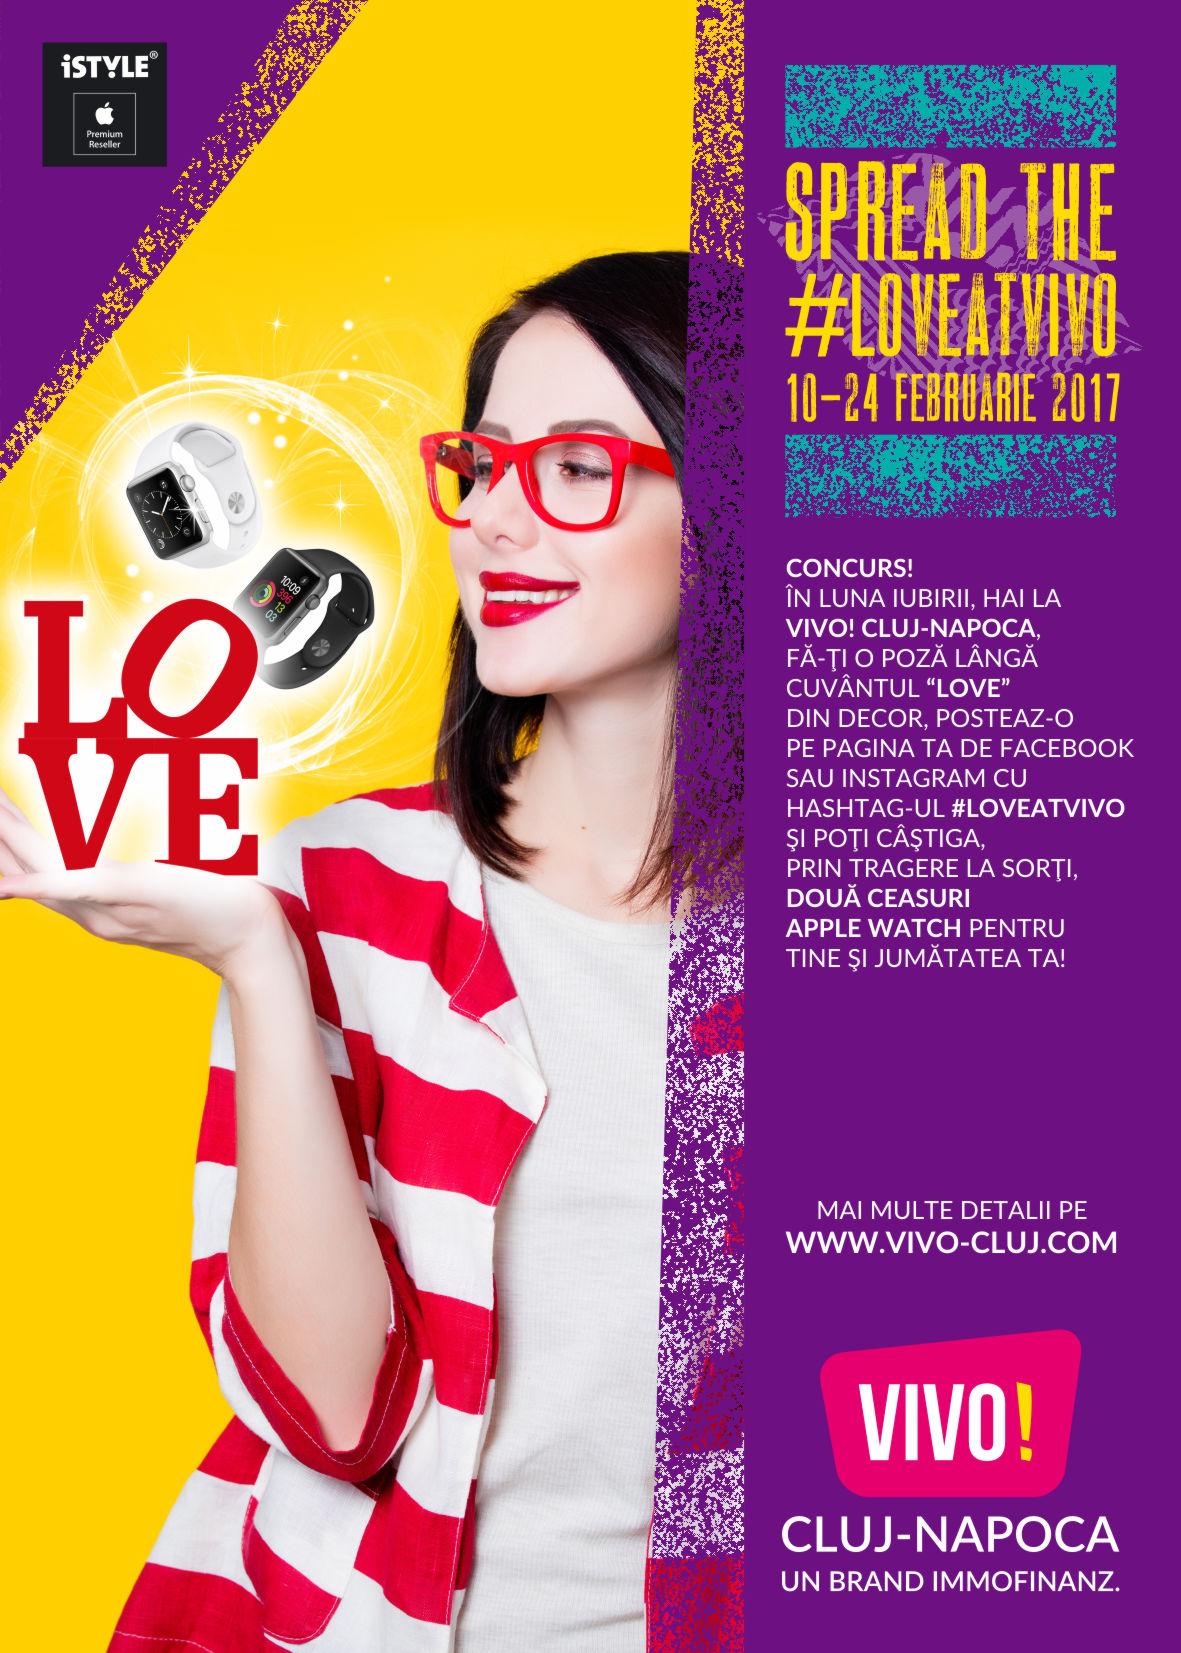 Vino in acest weekend la VIVO! Cluj-Napoca, fă-ţi o poză cu persoana iubită şi ai şansa să câştigi un Apple Watch! #LoveAtVIVO